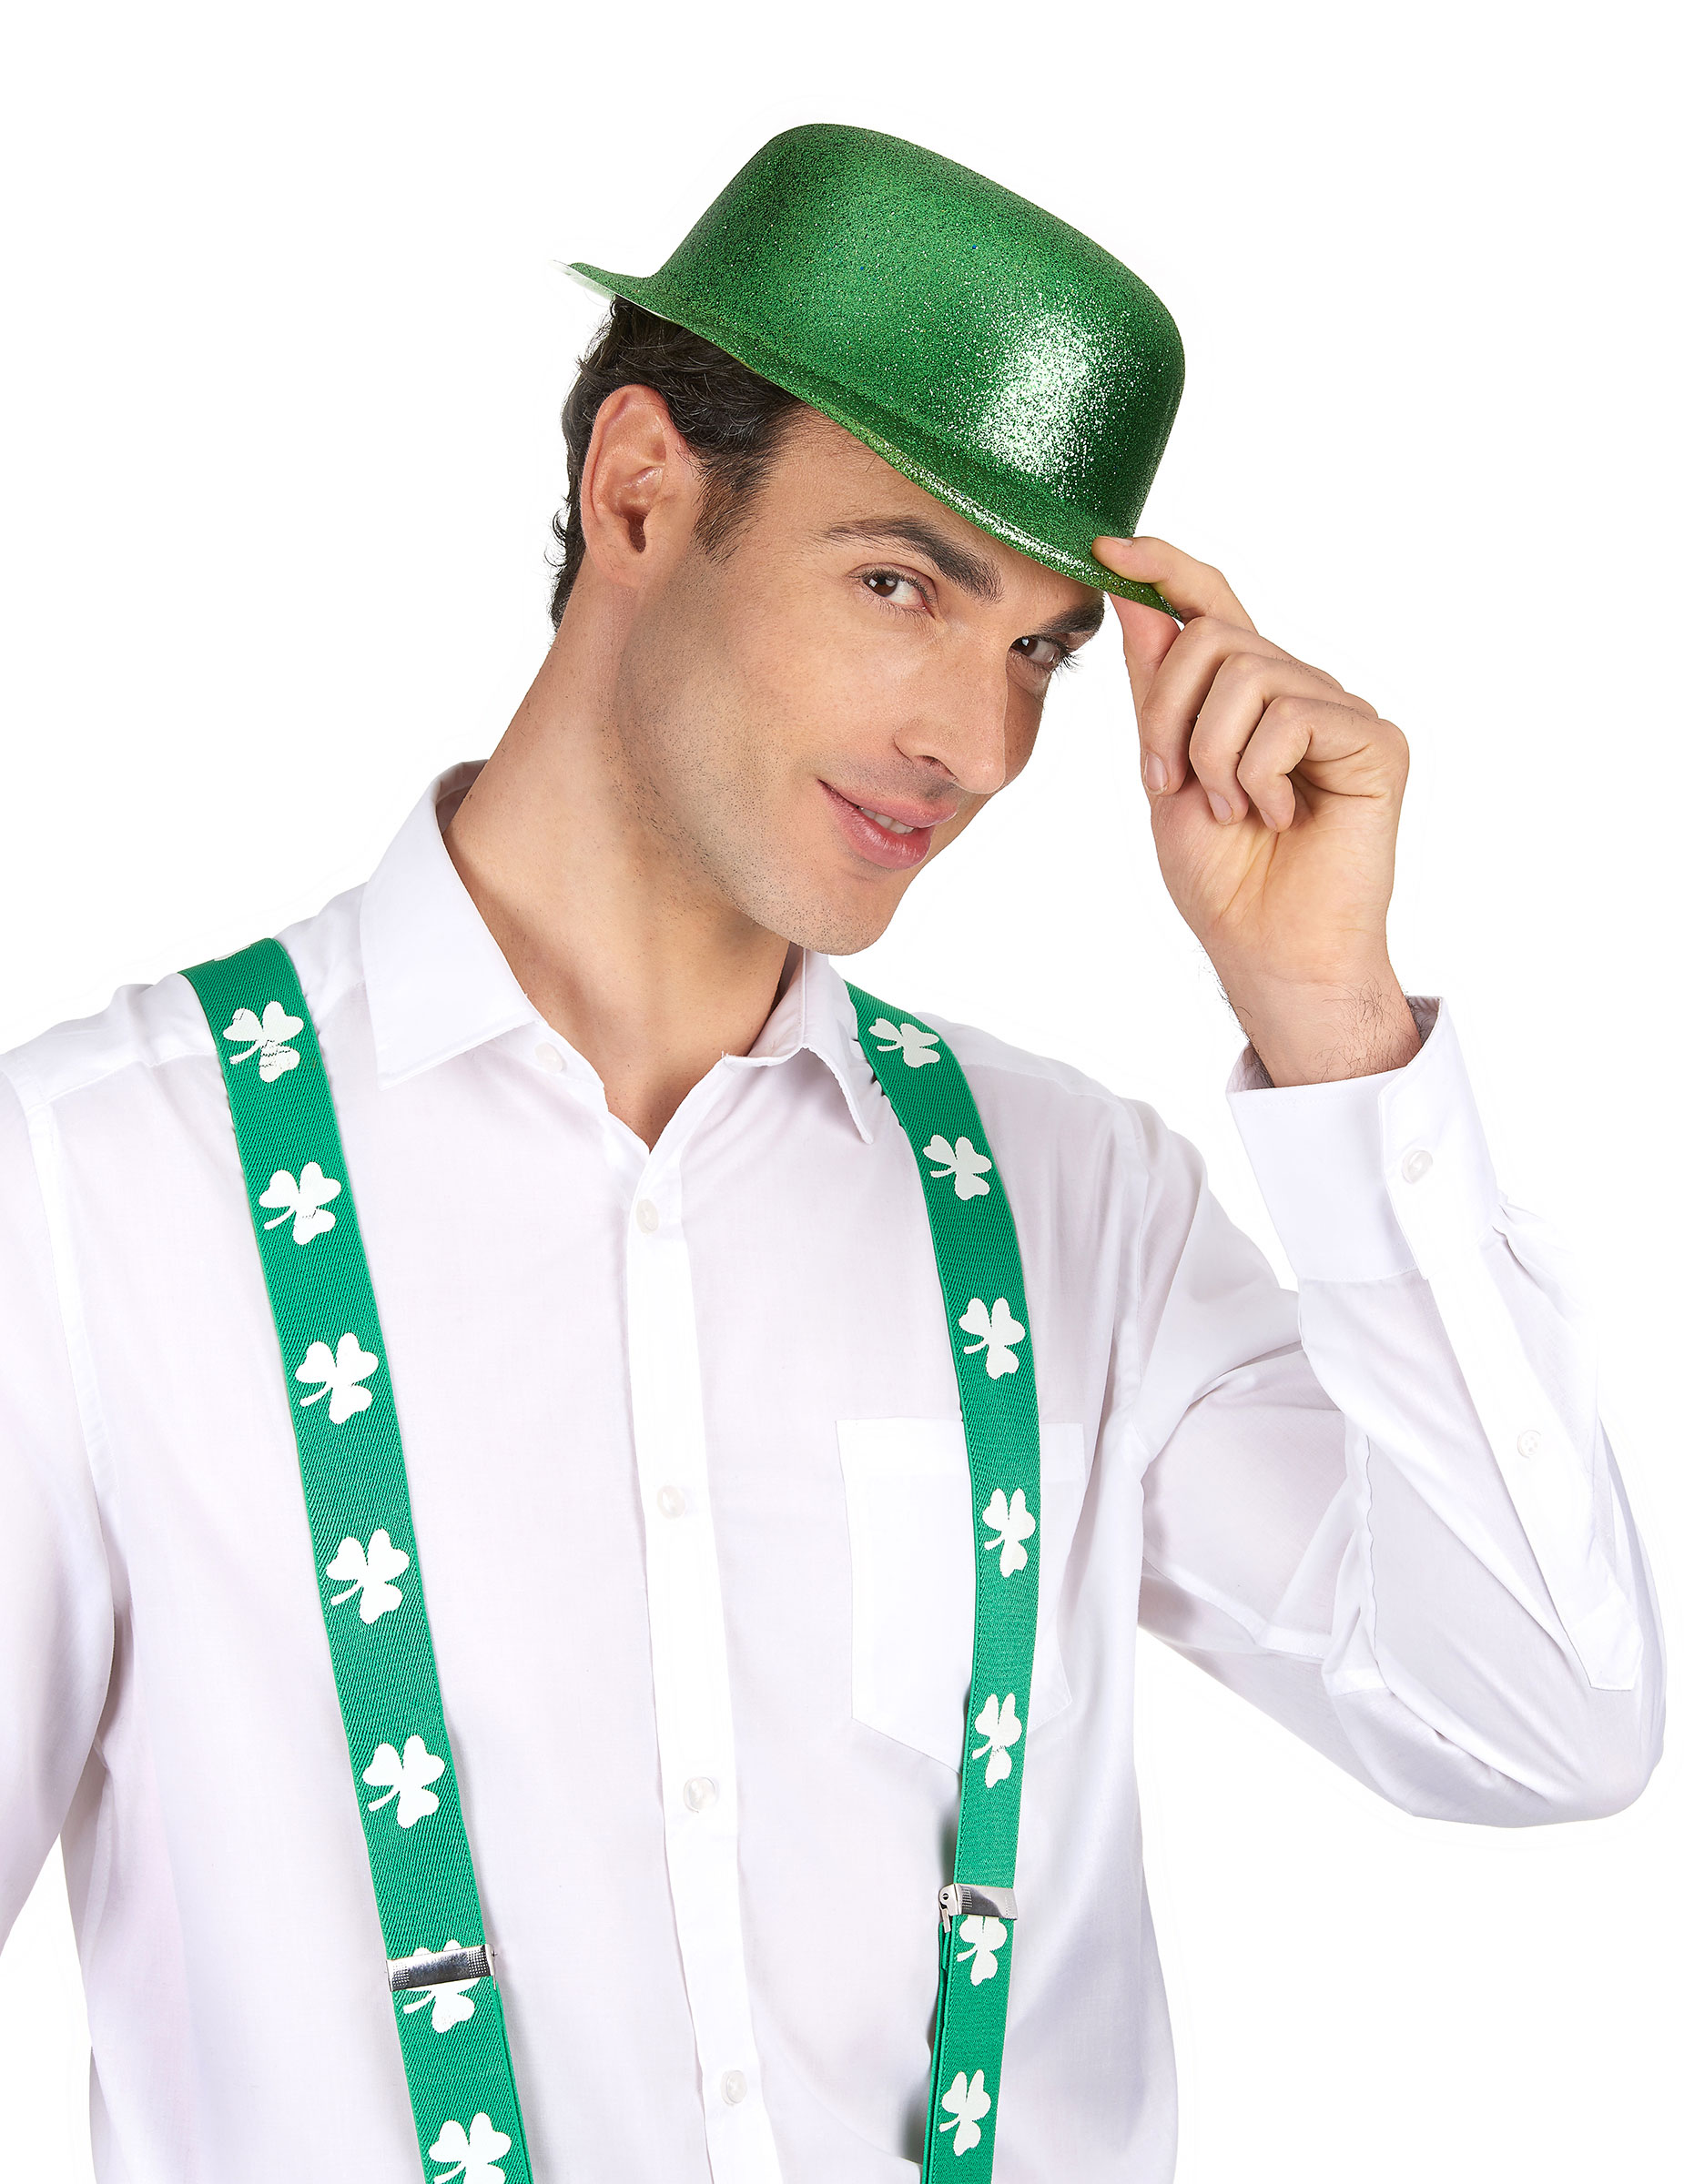 Sombrero melón verde brillante San Patricio  Sombreros 44eabb8e255